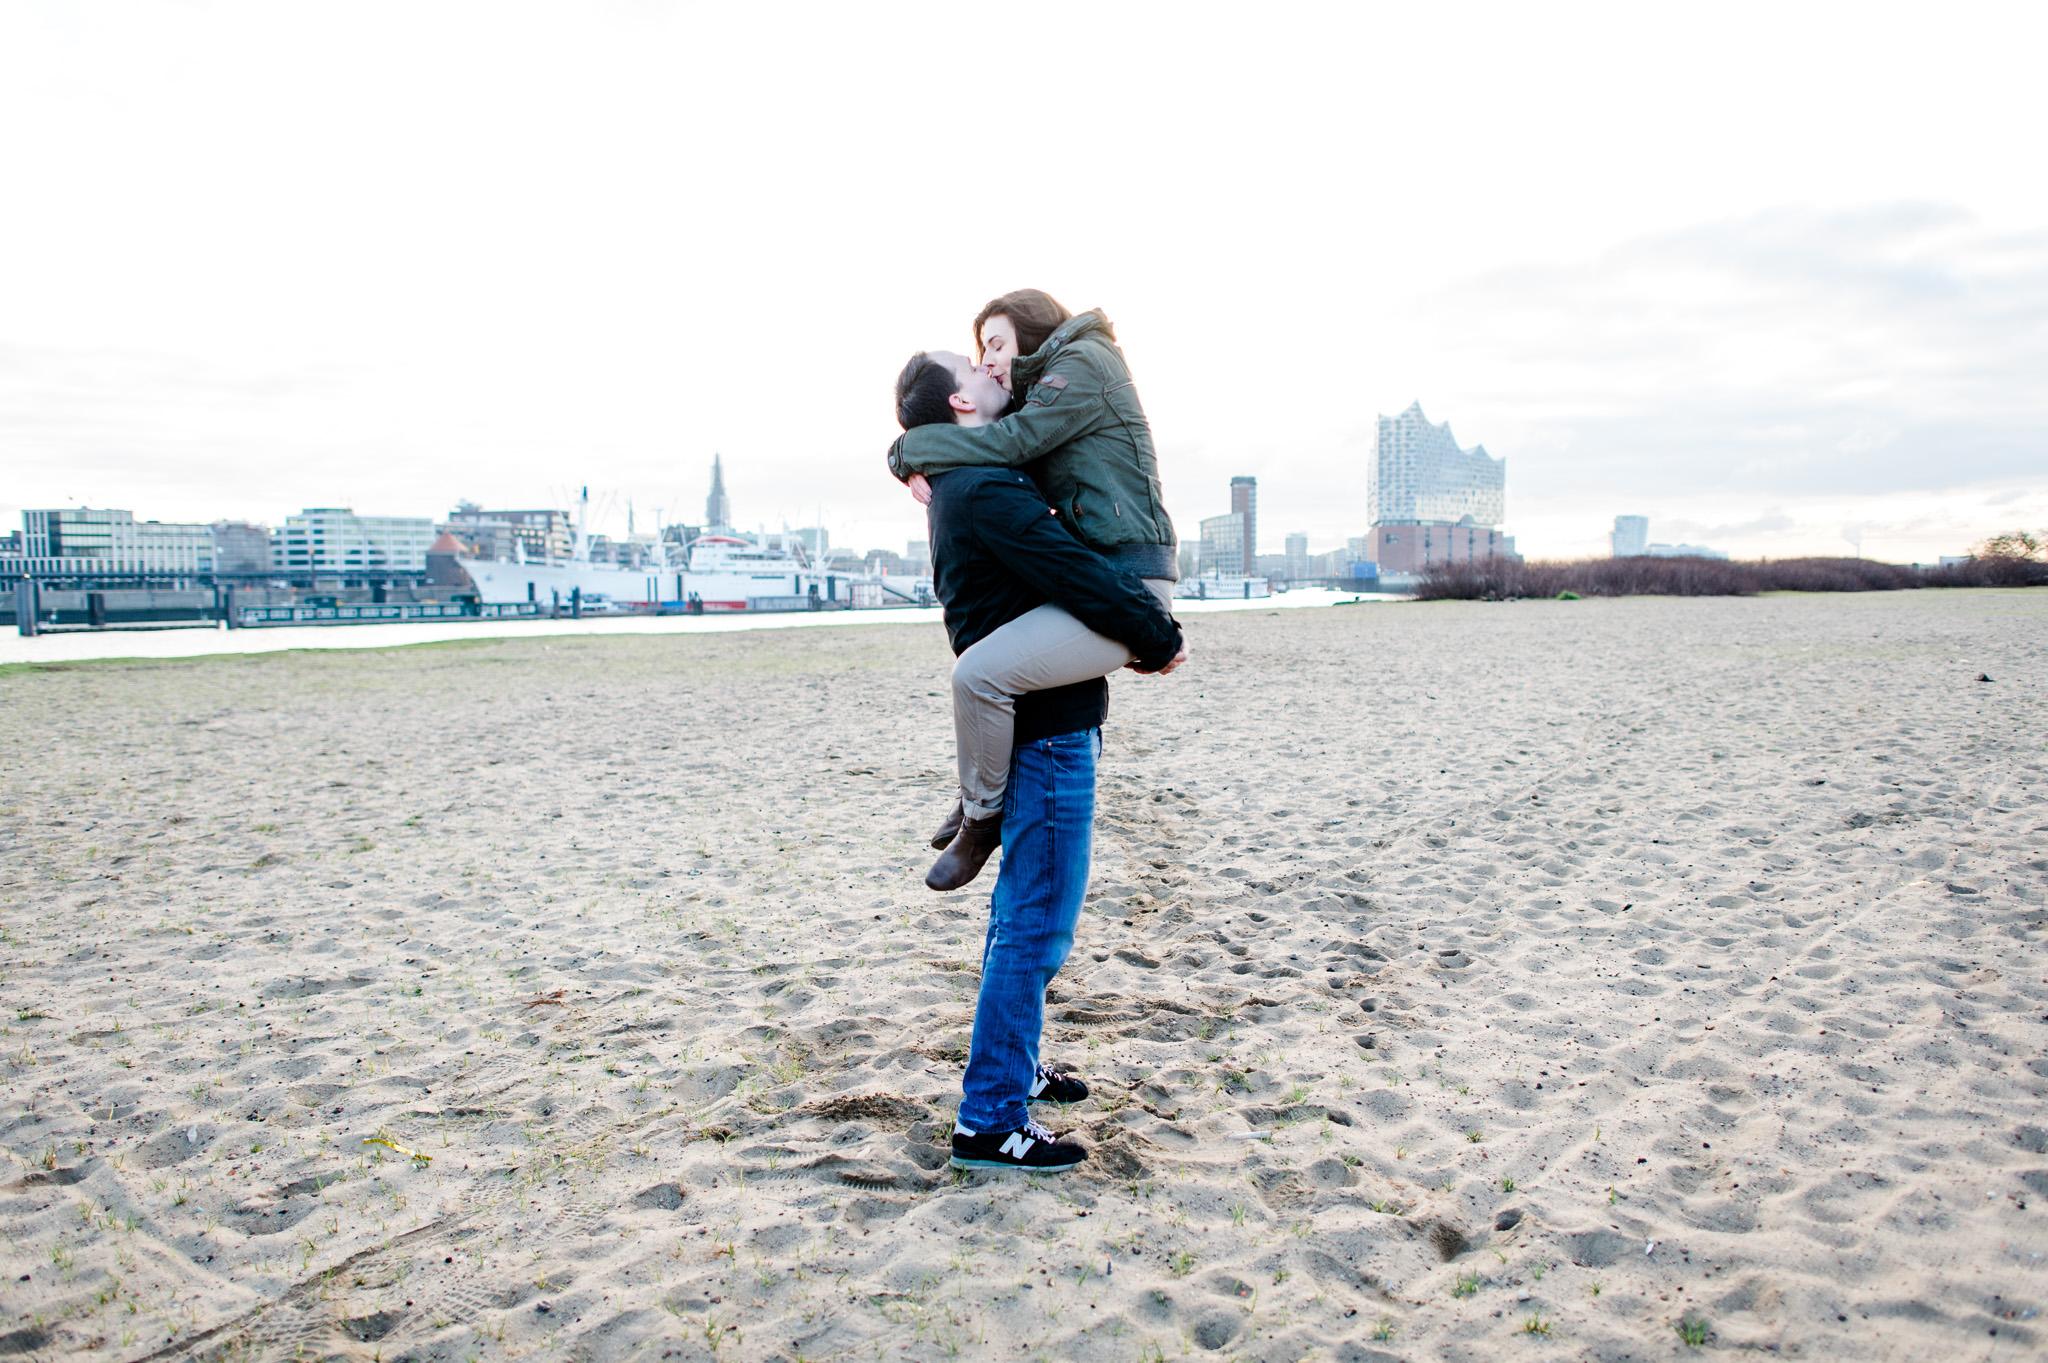 hochzeit-fotograf-Hamburg_torben_roehricht034